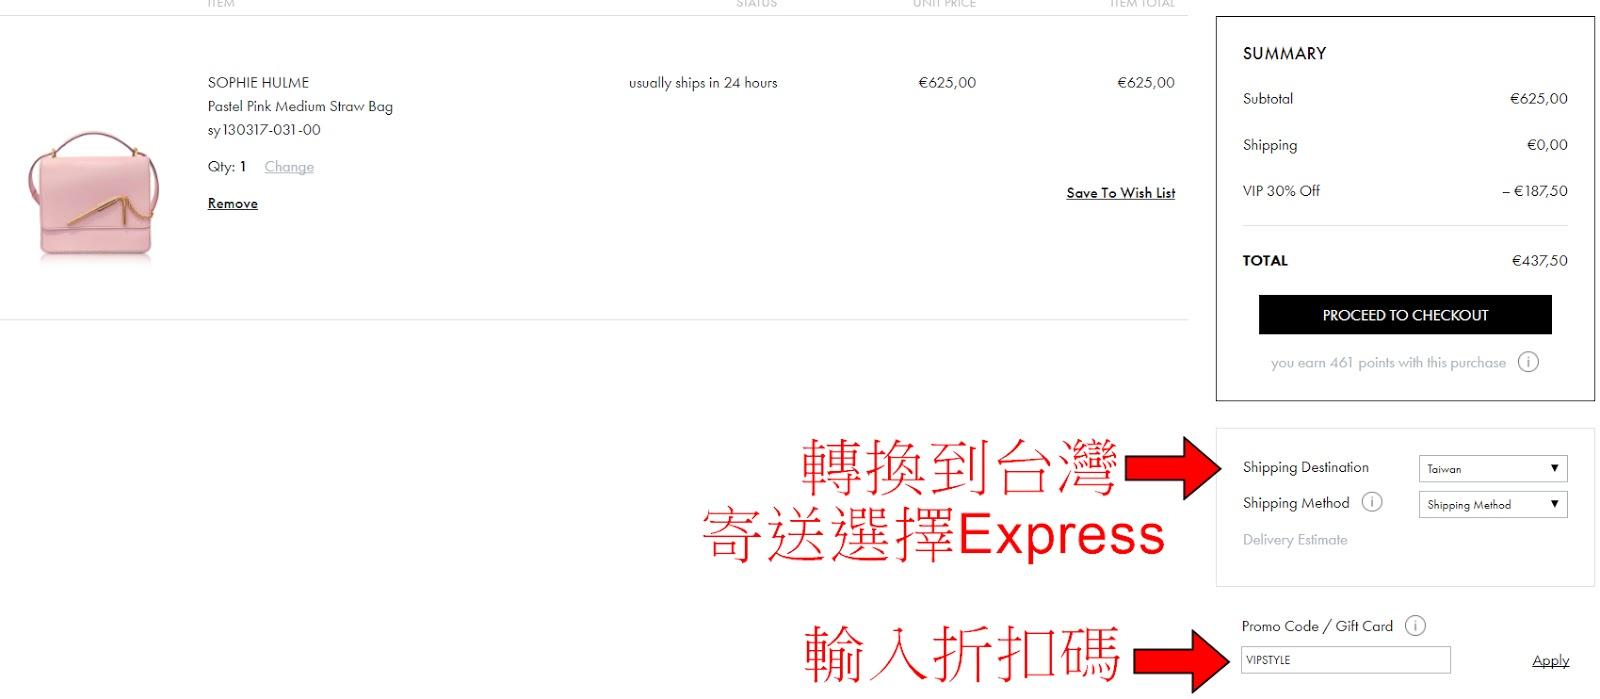 ▌我的購物清單 ▌義大利老牌精品網Forzieri,你不可不知,超好買的精品電商 !